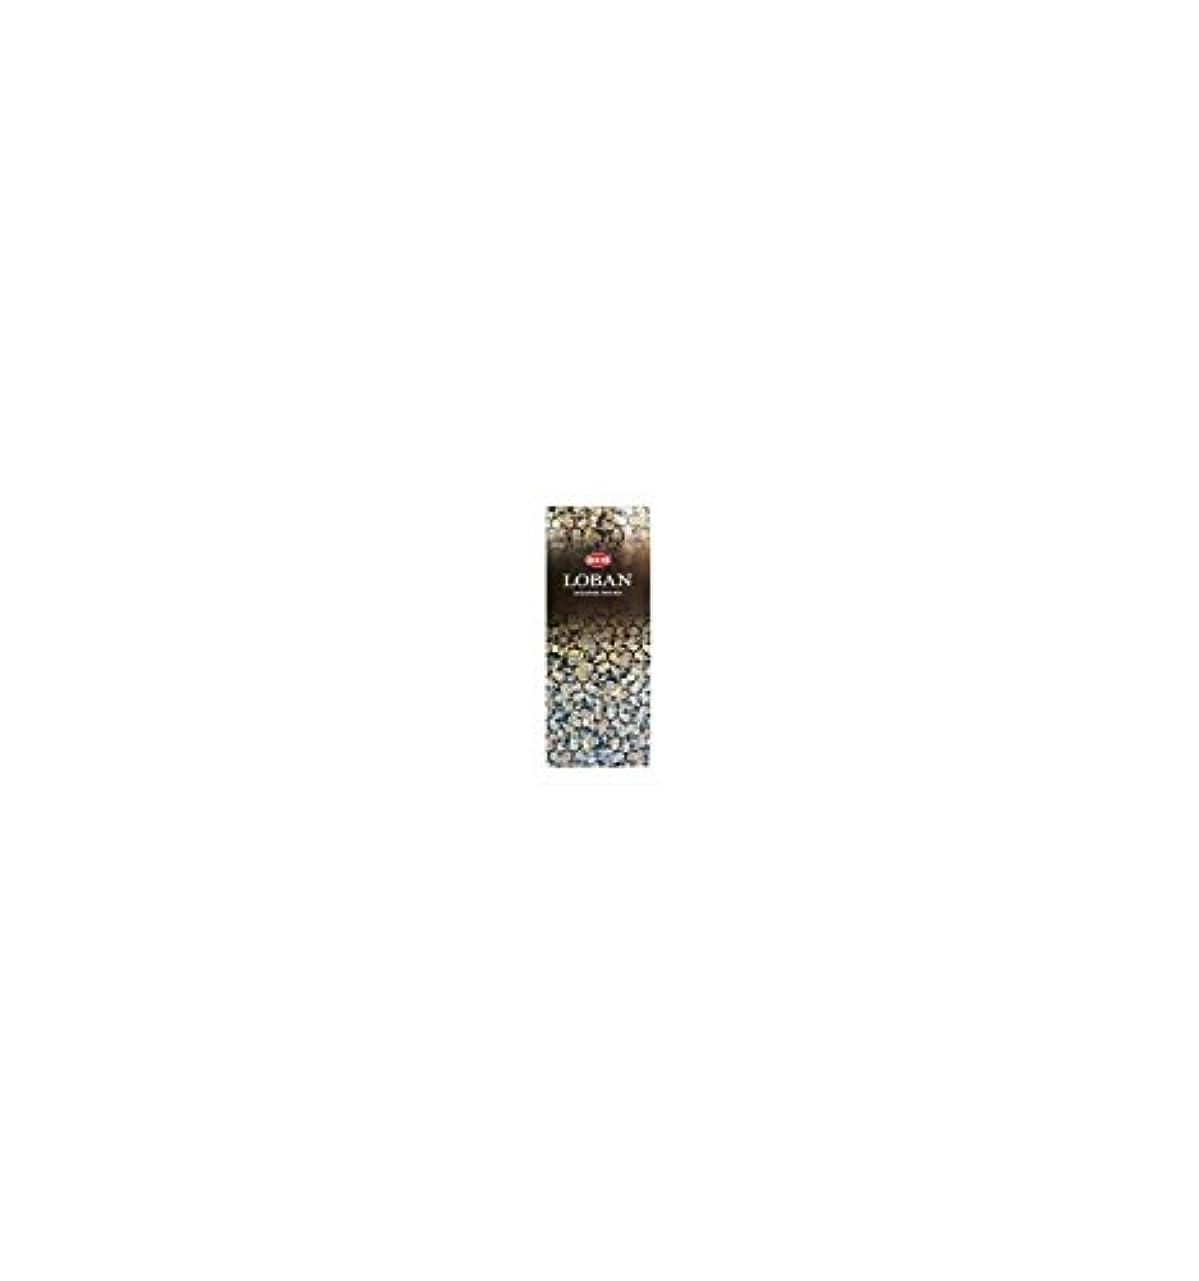 吹雪年齢セーブHEM(ヘム)社 ローバン香 スティック LOBAN 6箱セット